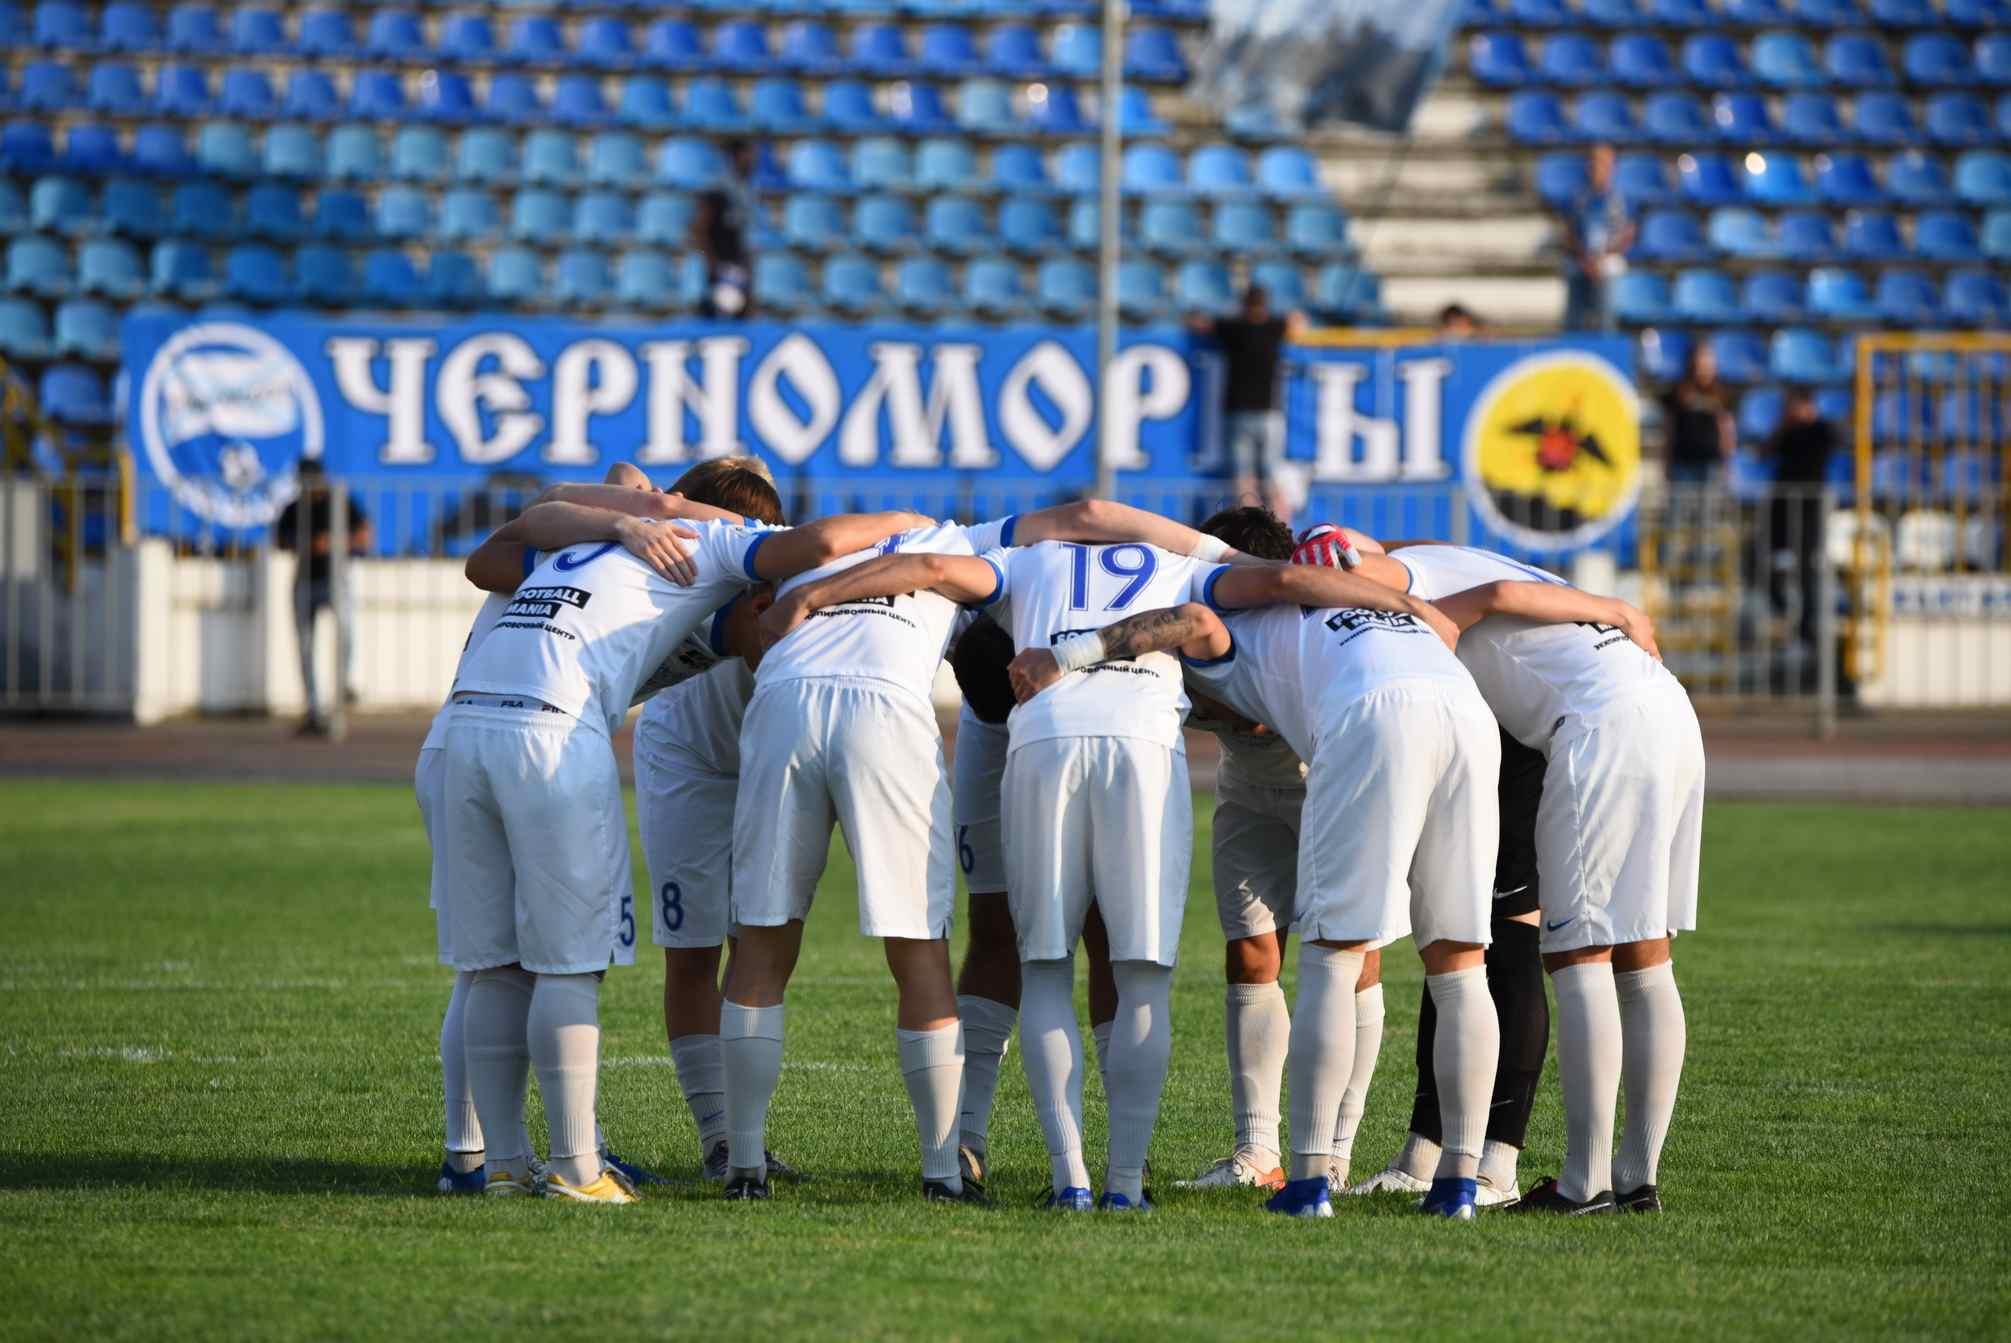 Среди чемпионов Европейского футбола — игрок из Новороссийска